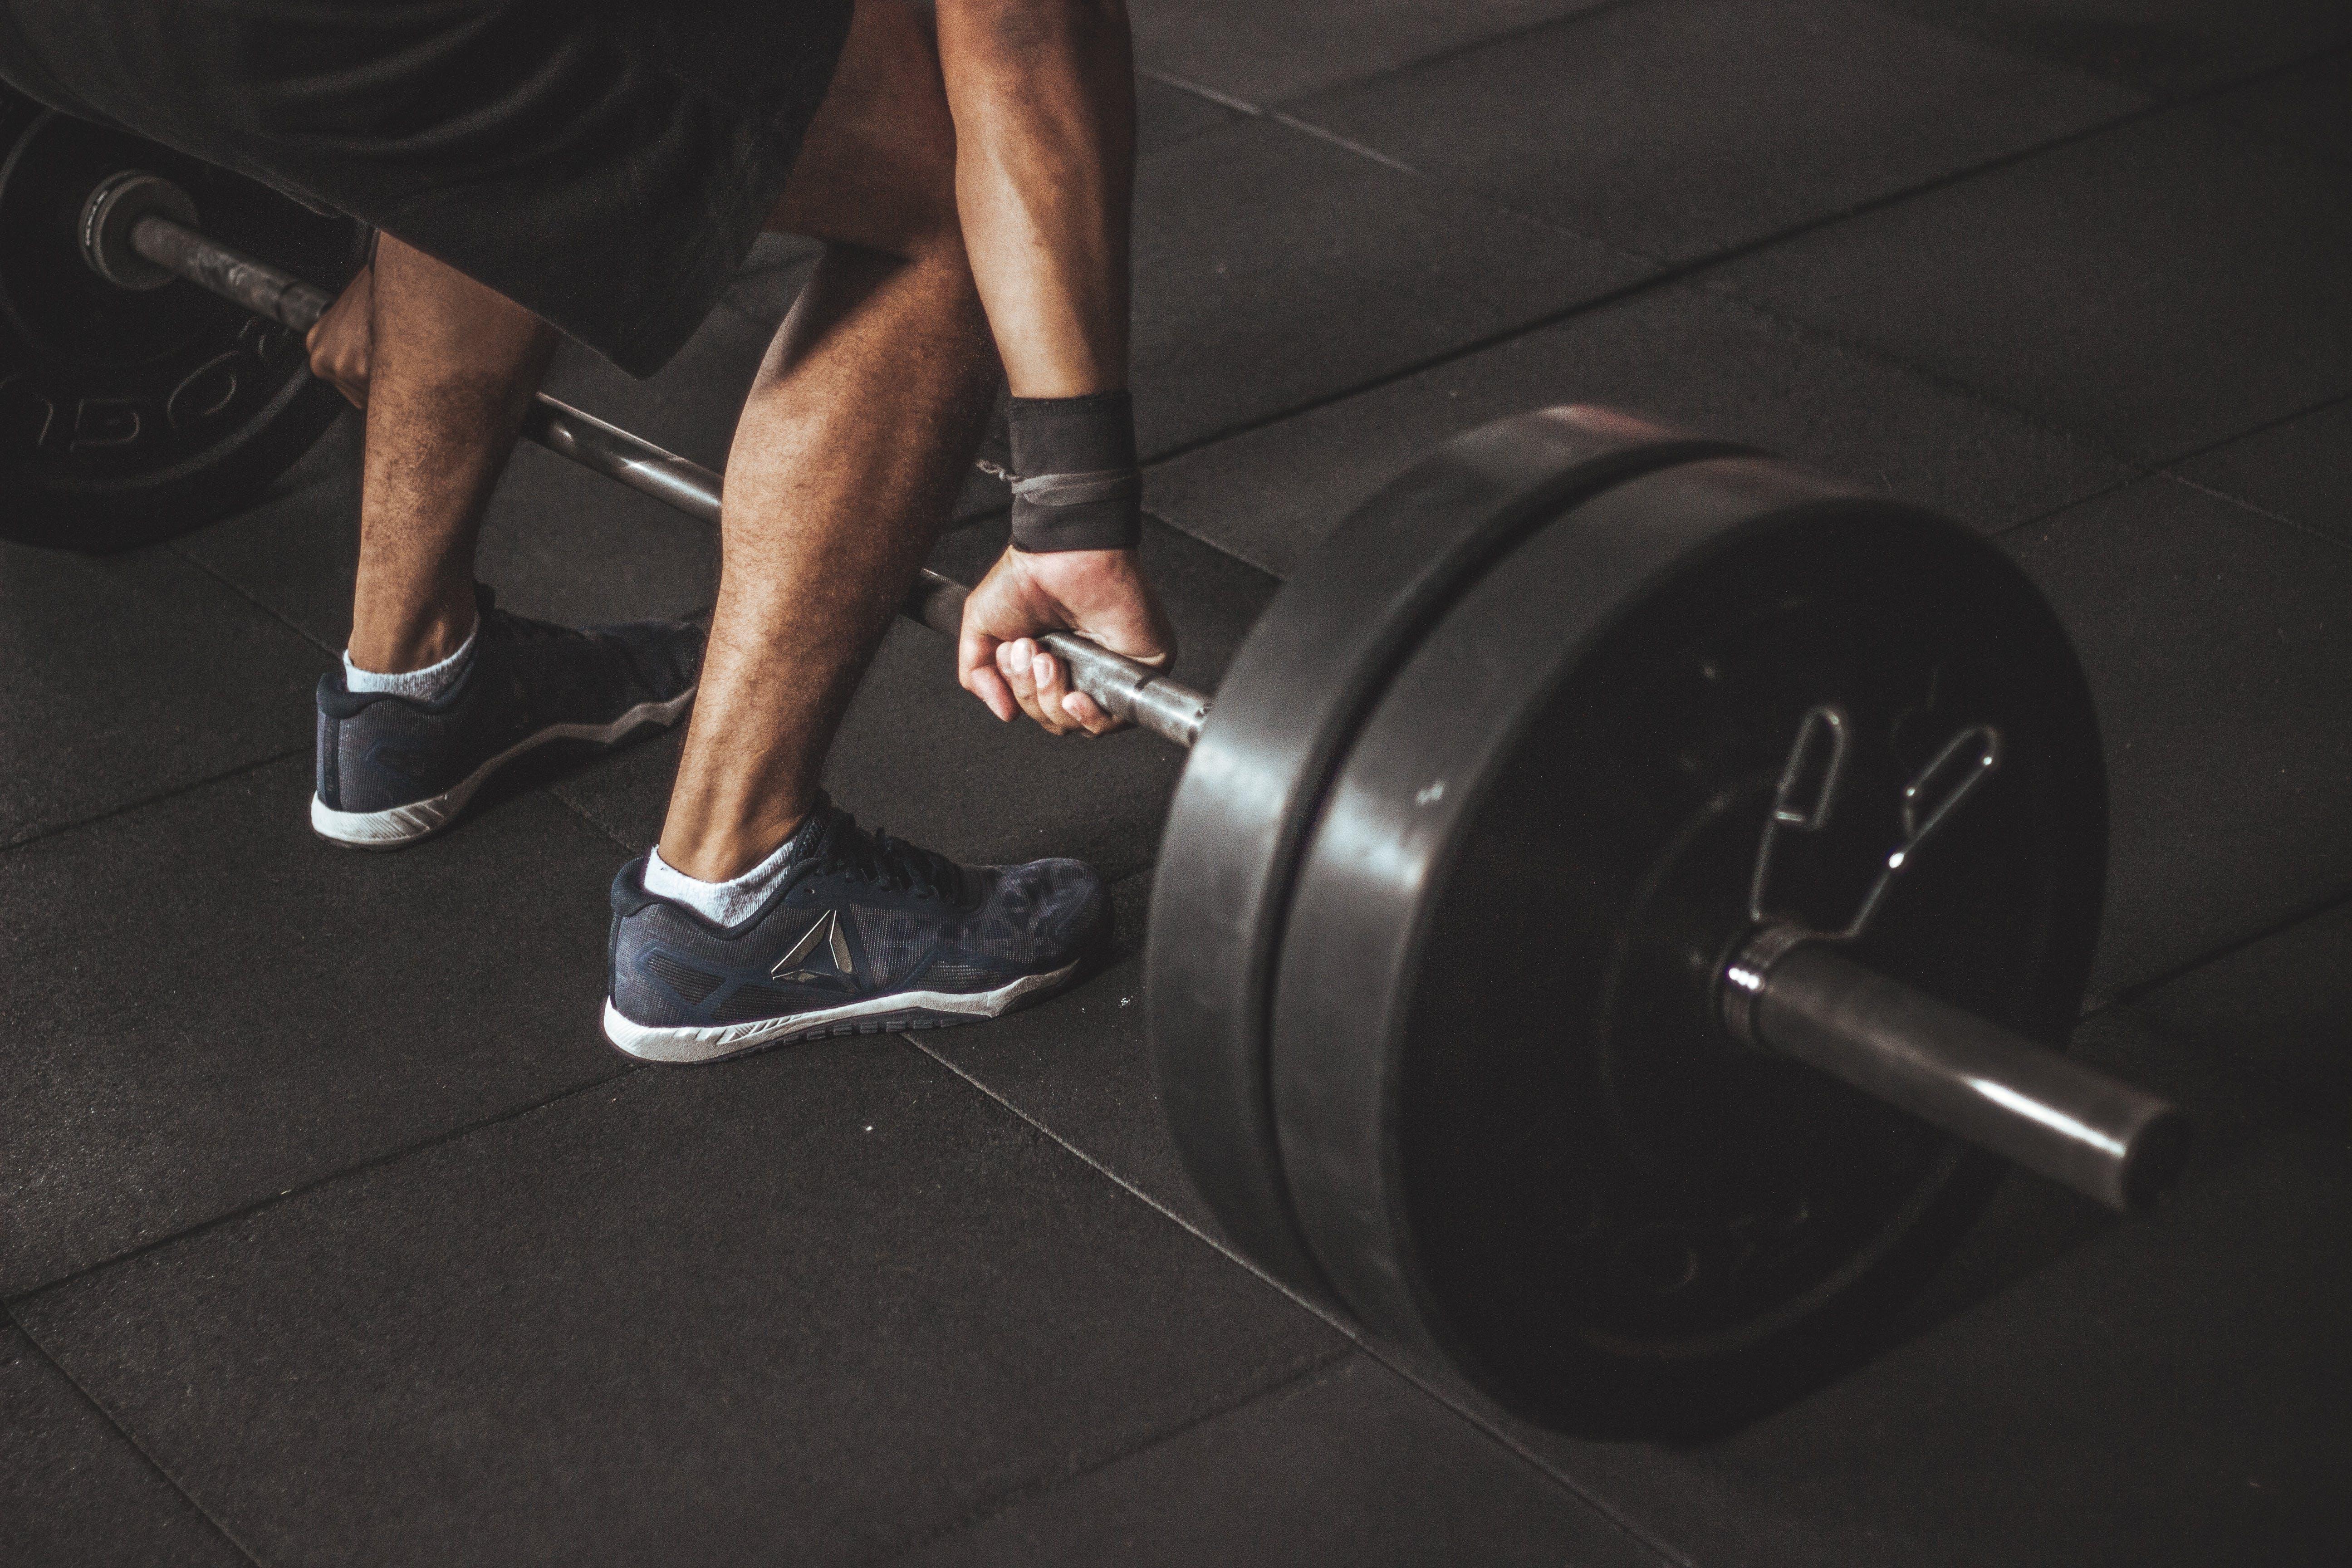 Kostenloses Stock Foto zu anstrengung, athlet, beine, bodybuilder